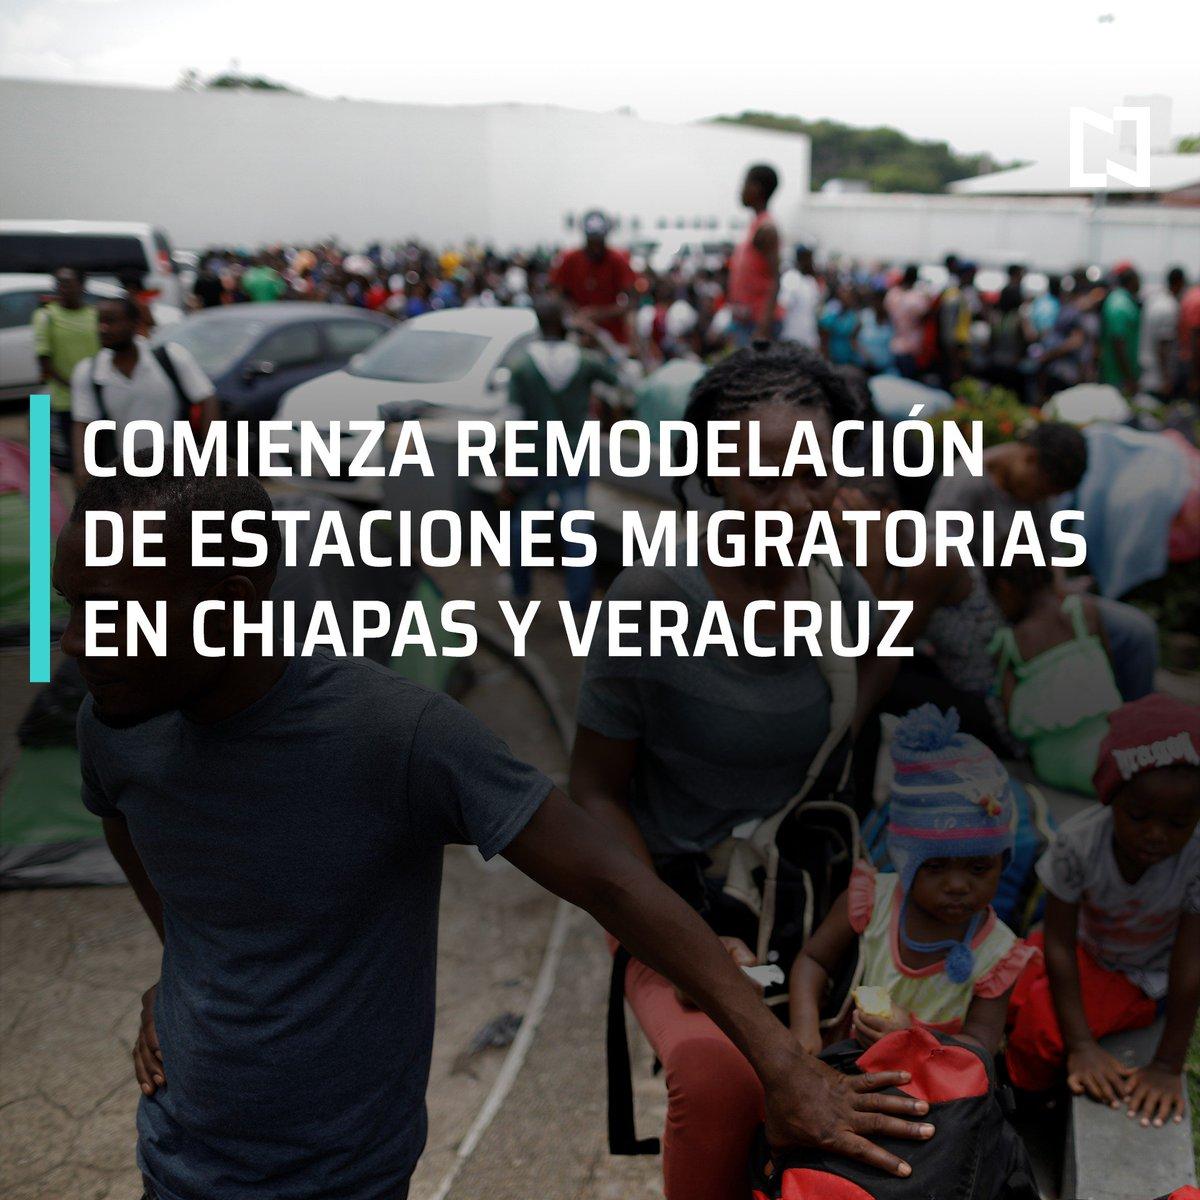 El Instituto Nacional de Migración informó que comenzó la remodelación de las estaciones migratorias de Tapachula, Chiapas, y Acayucan, Veracruz #DespiertaConLoret con @campossuarez